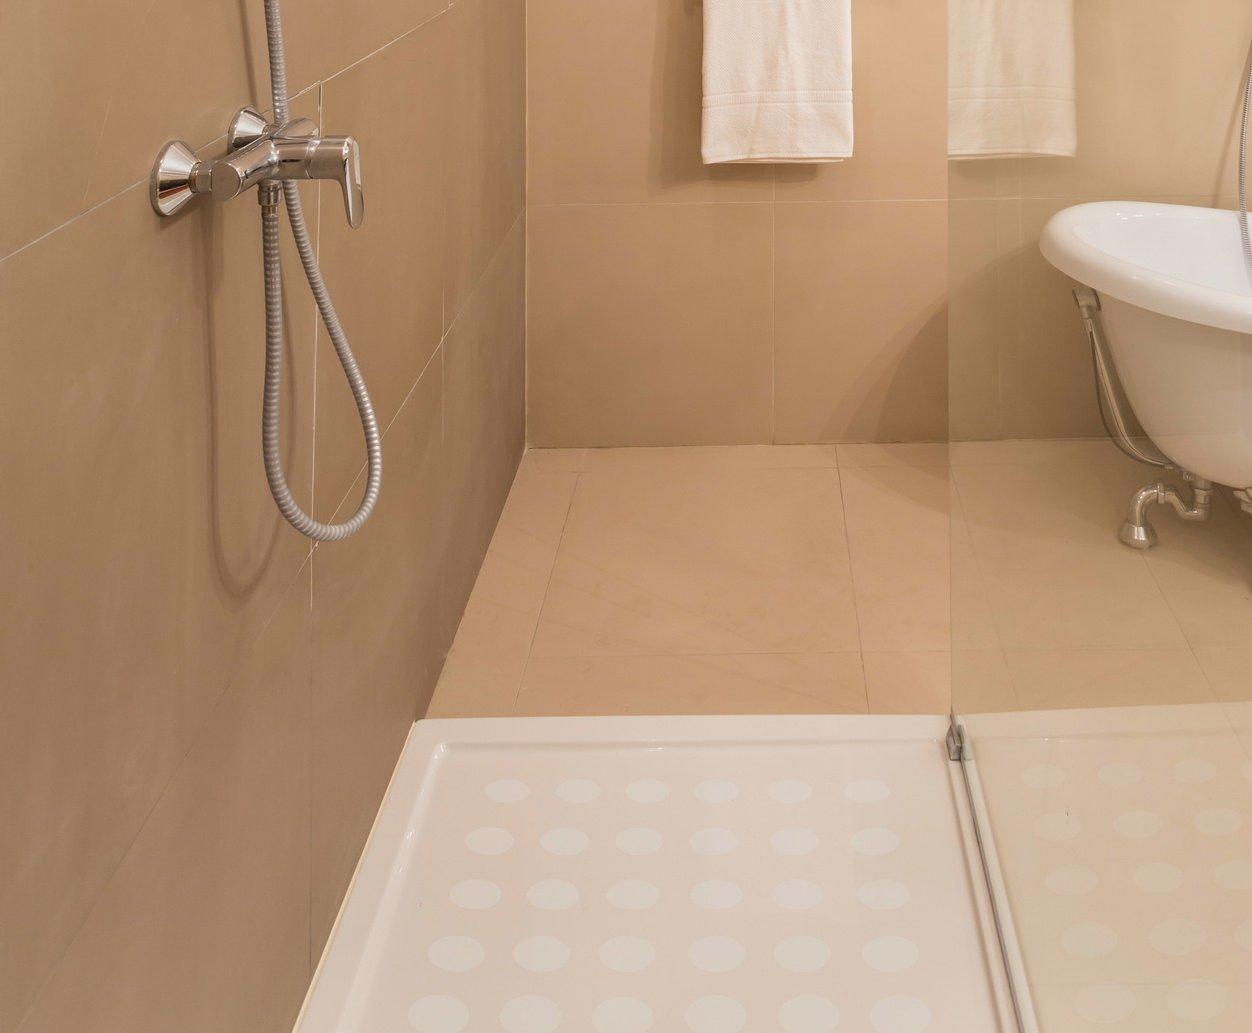 kara grip anti rutsch sticker dusche feine punkte 5 mal 8 stk also 40 stk a 5 cm anstatt duschmatte wanneneinlage oder badematte rutschfeste anti rutsch - Antirutschmatte Dusche Rund